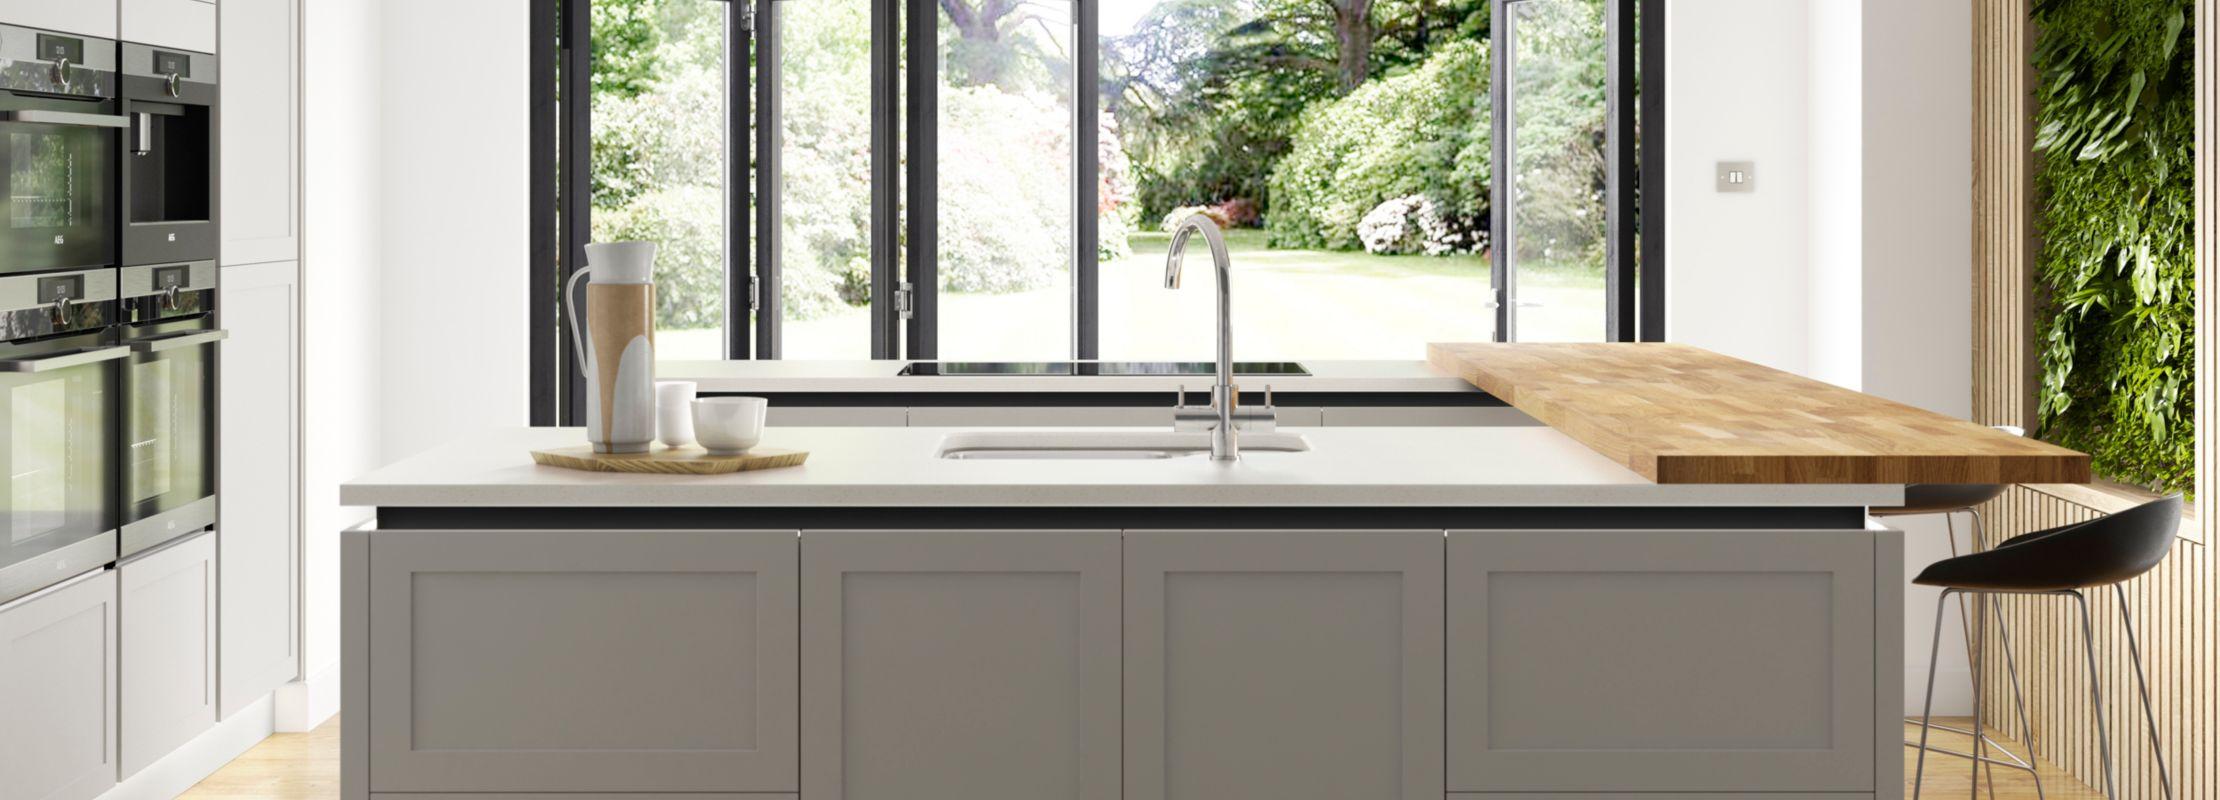 Kitchen Showroom SALE